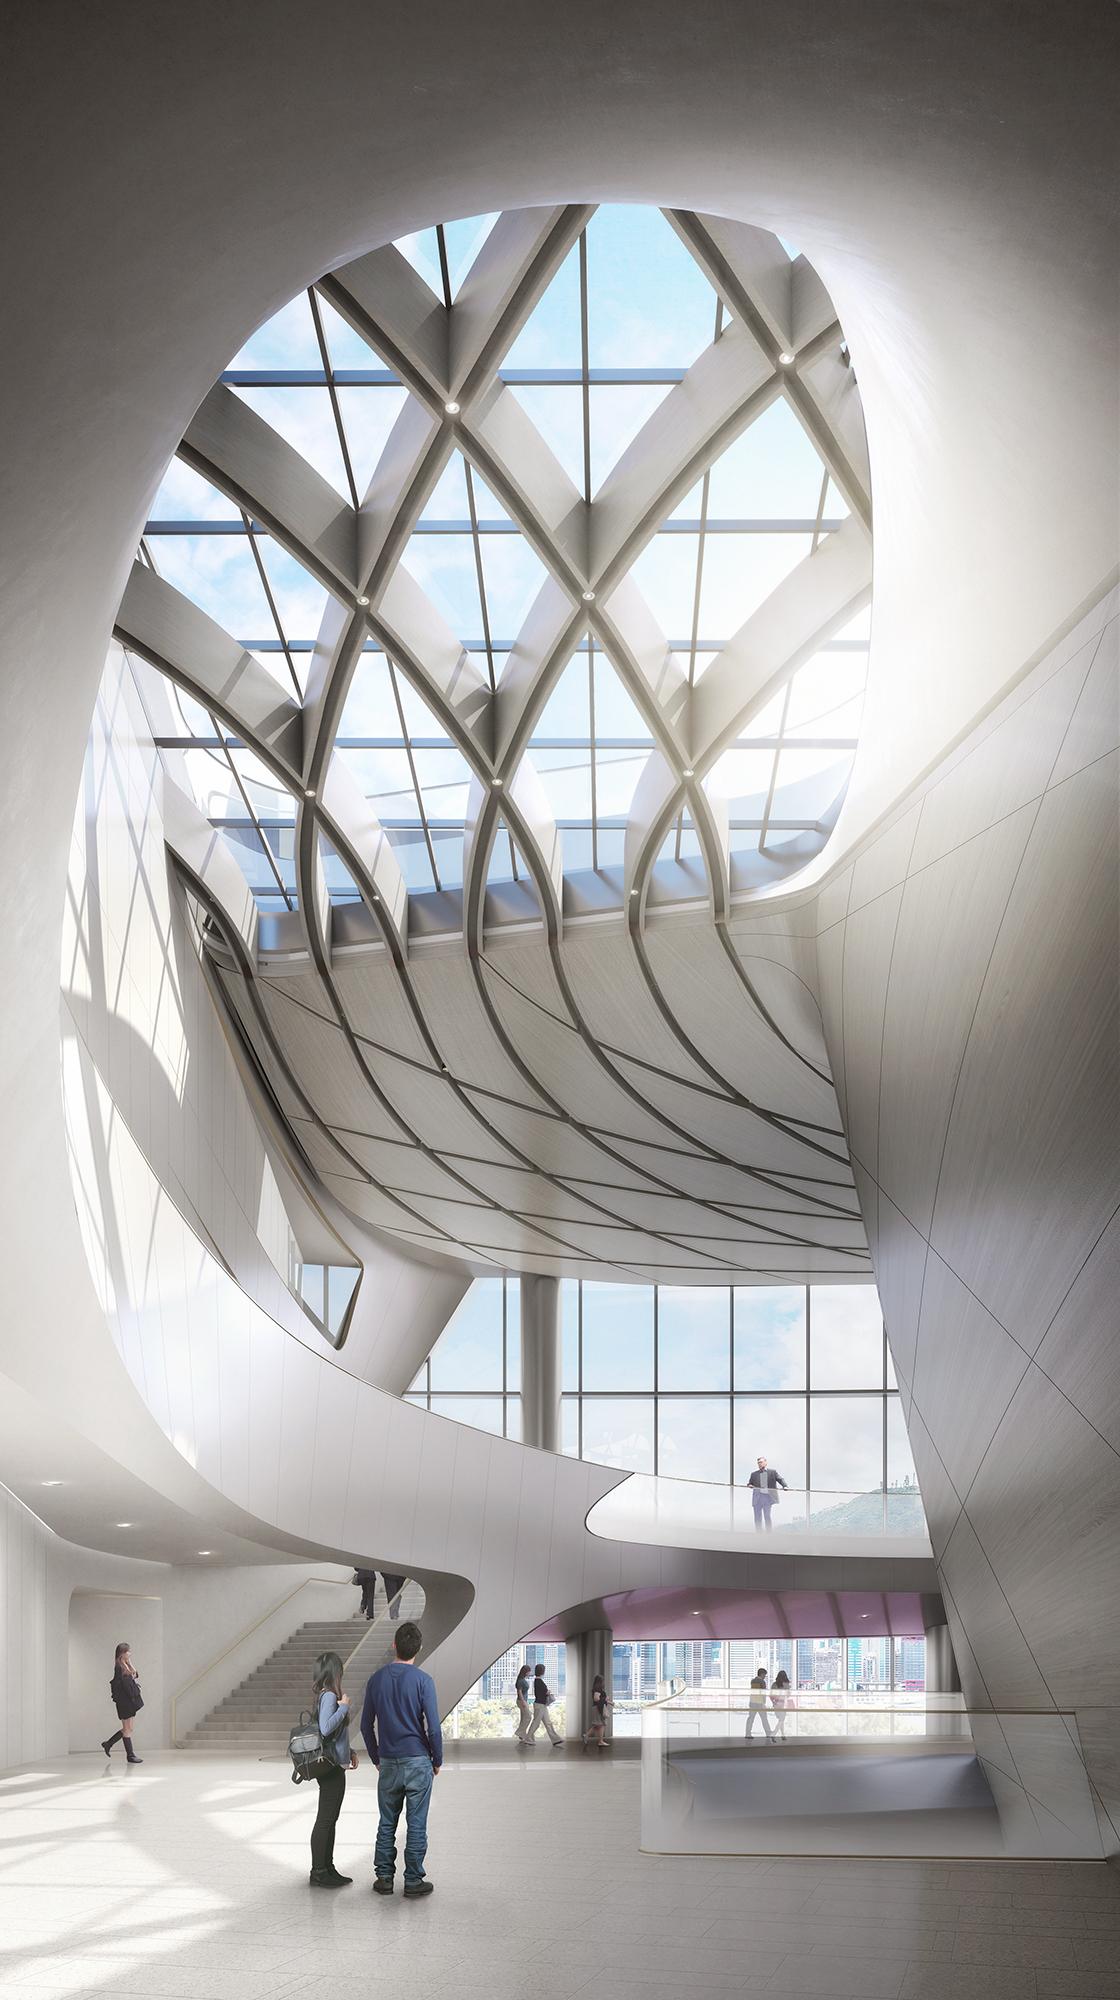 <p>Om te zorgen dat alledrie de zalen tegelijk gebruikt kunnen worden, hebben ze elk een eigen foyer met directe toegang tot een buitenterras dat, afhankelijk van de ligging binnen het complex, uitzicht biedt op het Artist Square of de haven. Beeld: DBOX</p>